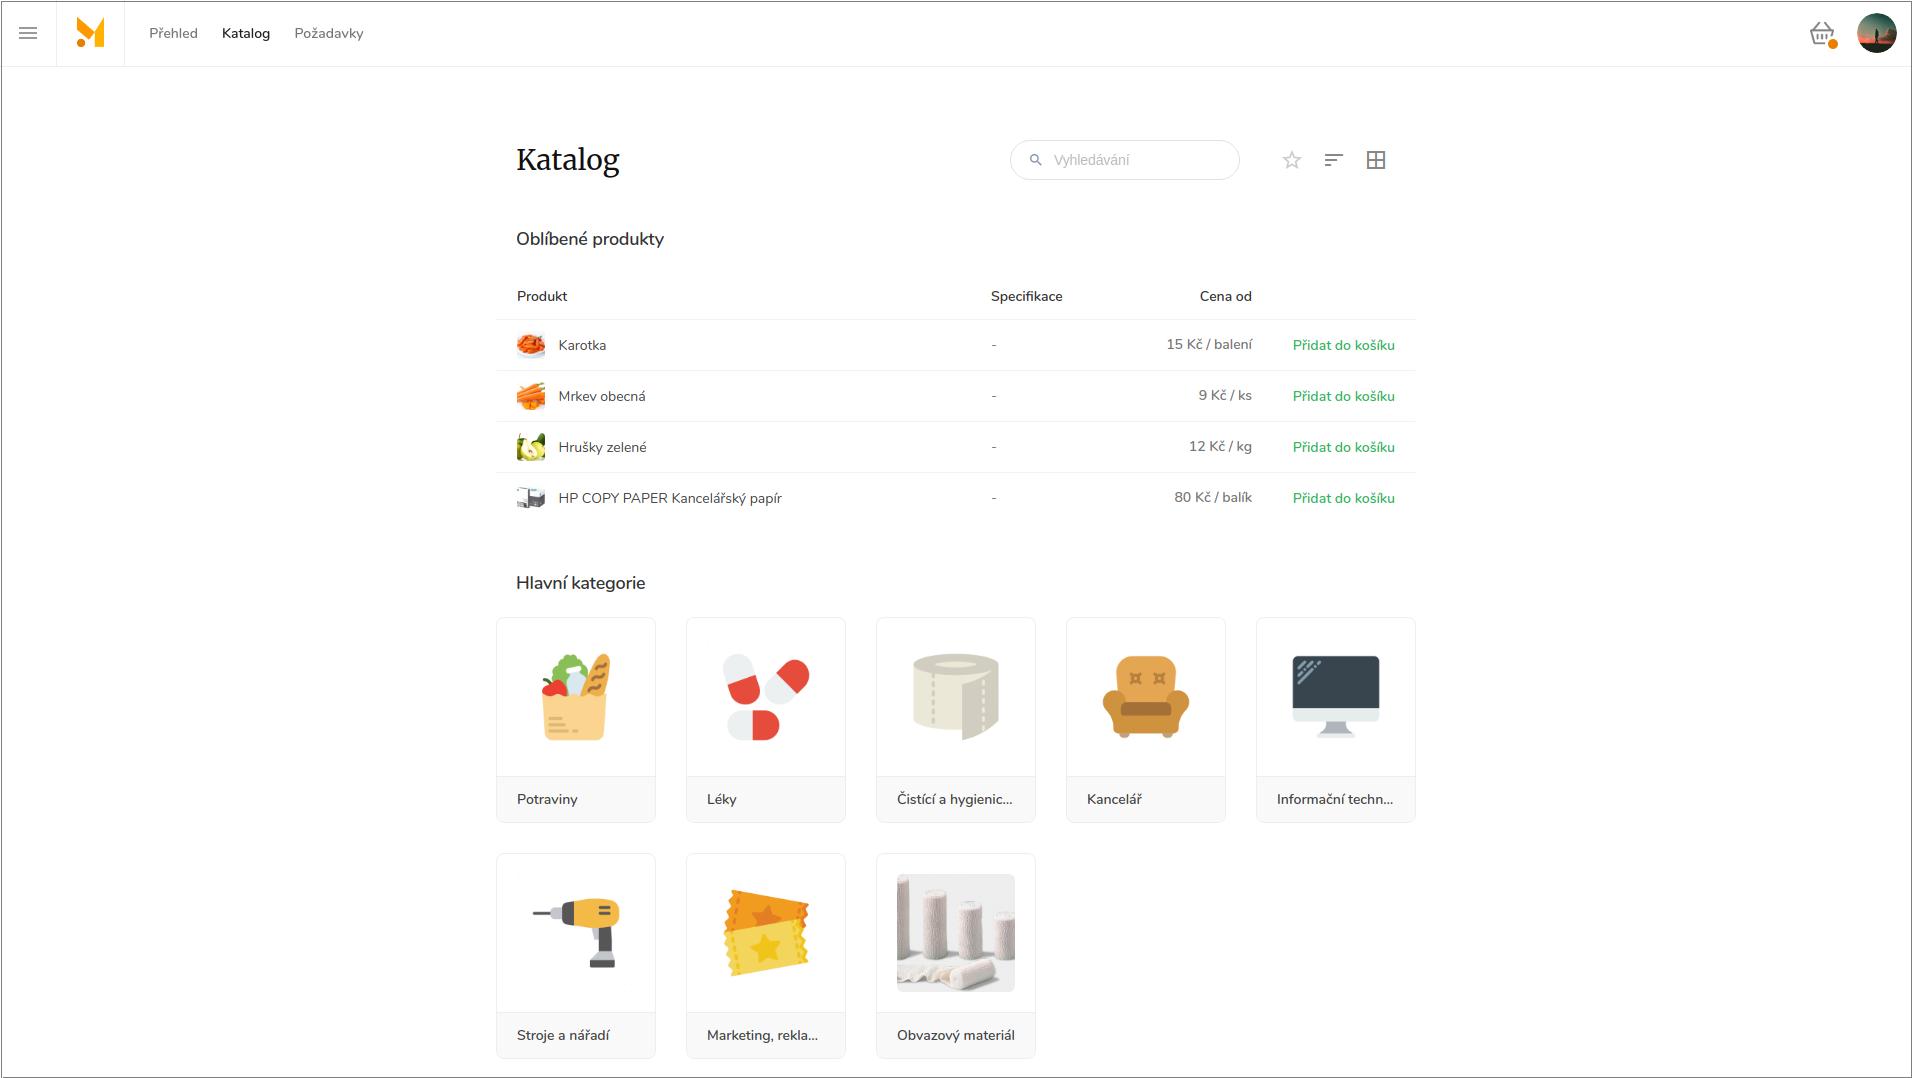 Intuitivní vyhledávání umožní rychlé a přehledné nelezení potřebných položek a to jak kategorizačním stromem nebo fulltextovým vyhledávačem v katalogu nebo produktových skupinách.